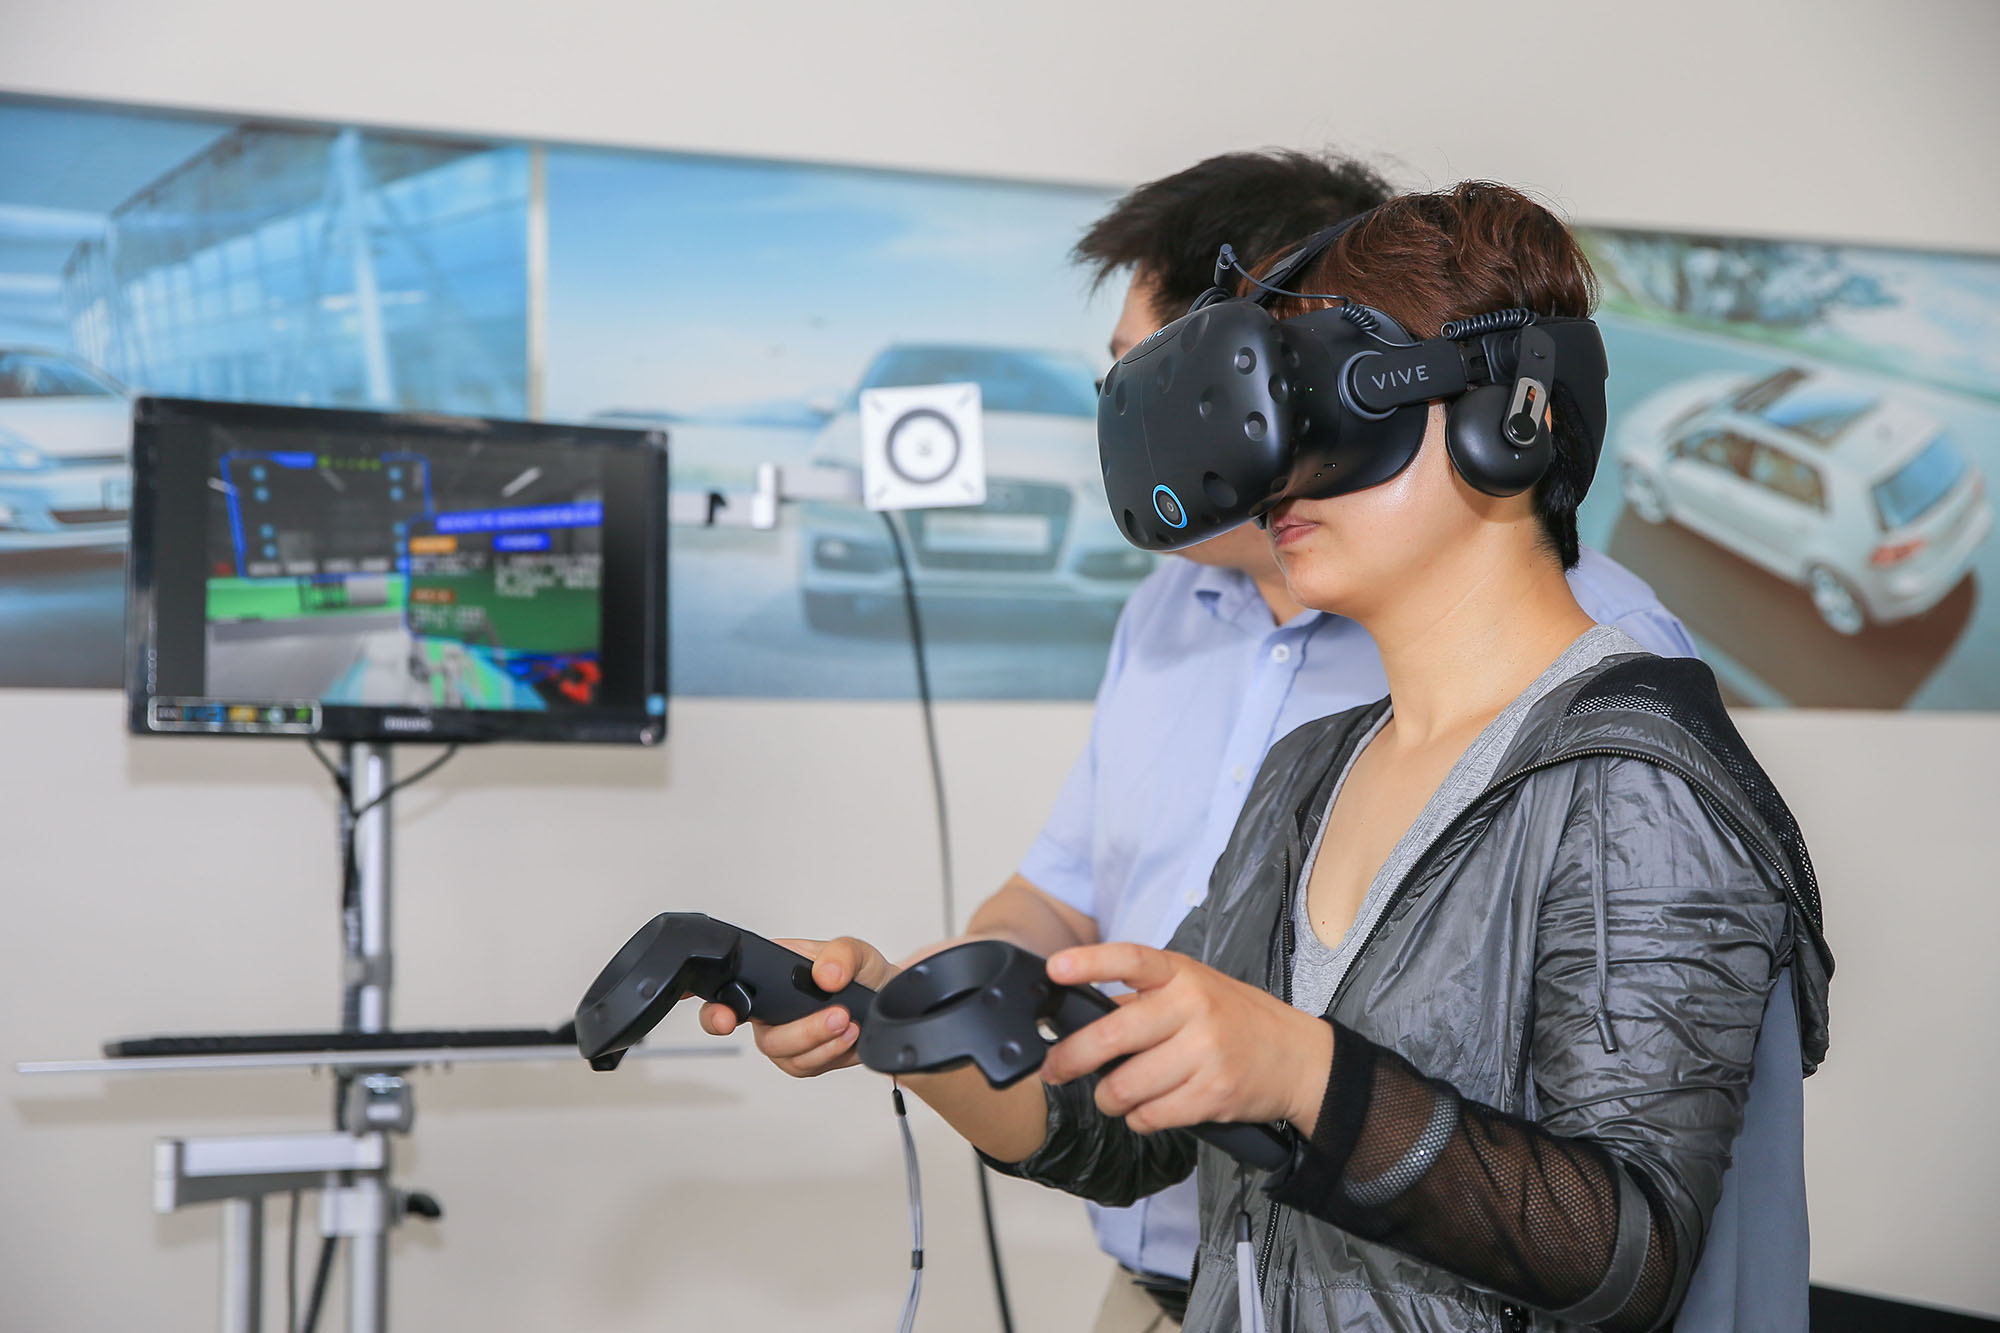 体验新能源汽车VR培训